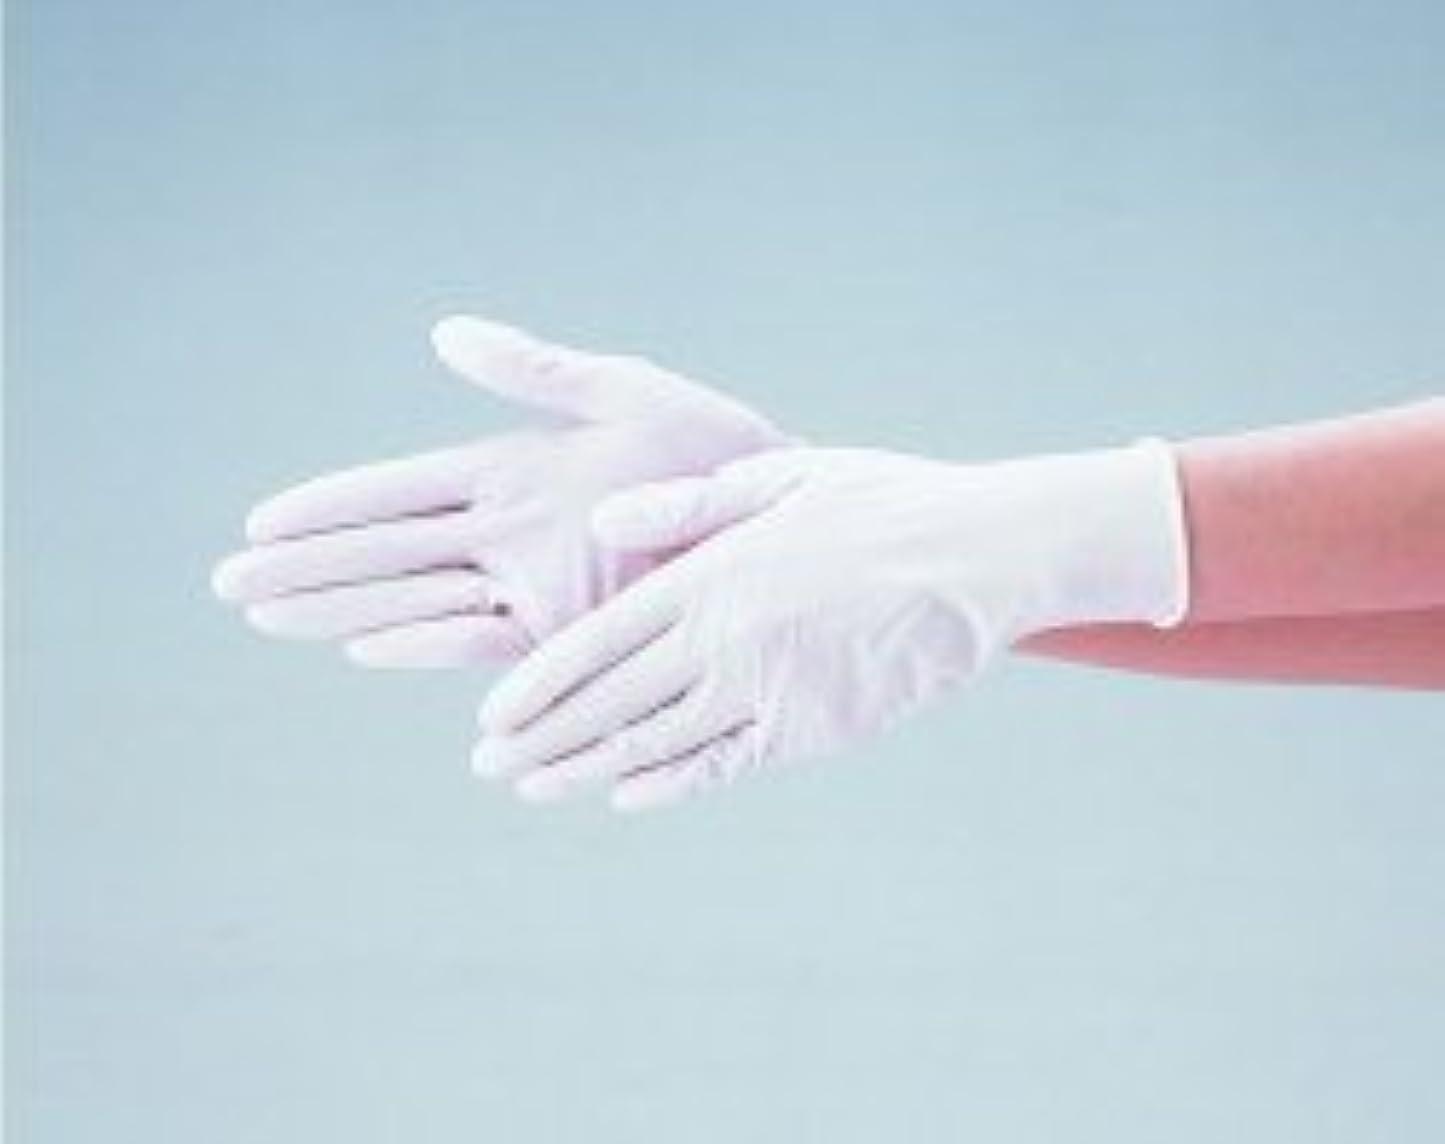 エブノ ニトリル手袋 No.525 L 白 (100枚入×20箱) ディスポニトリル パウダーフリー ホワイト